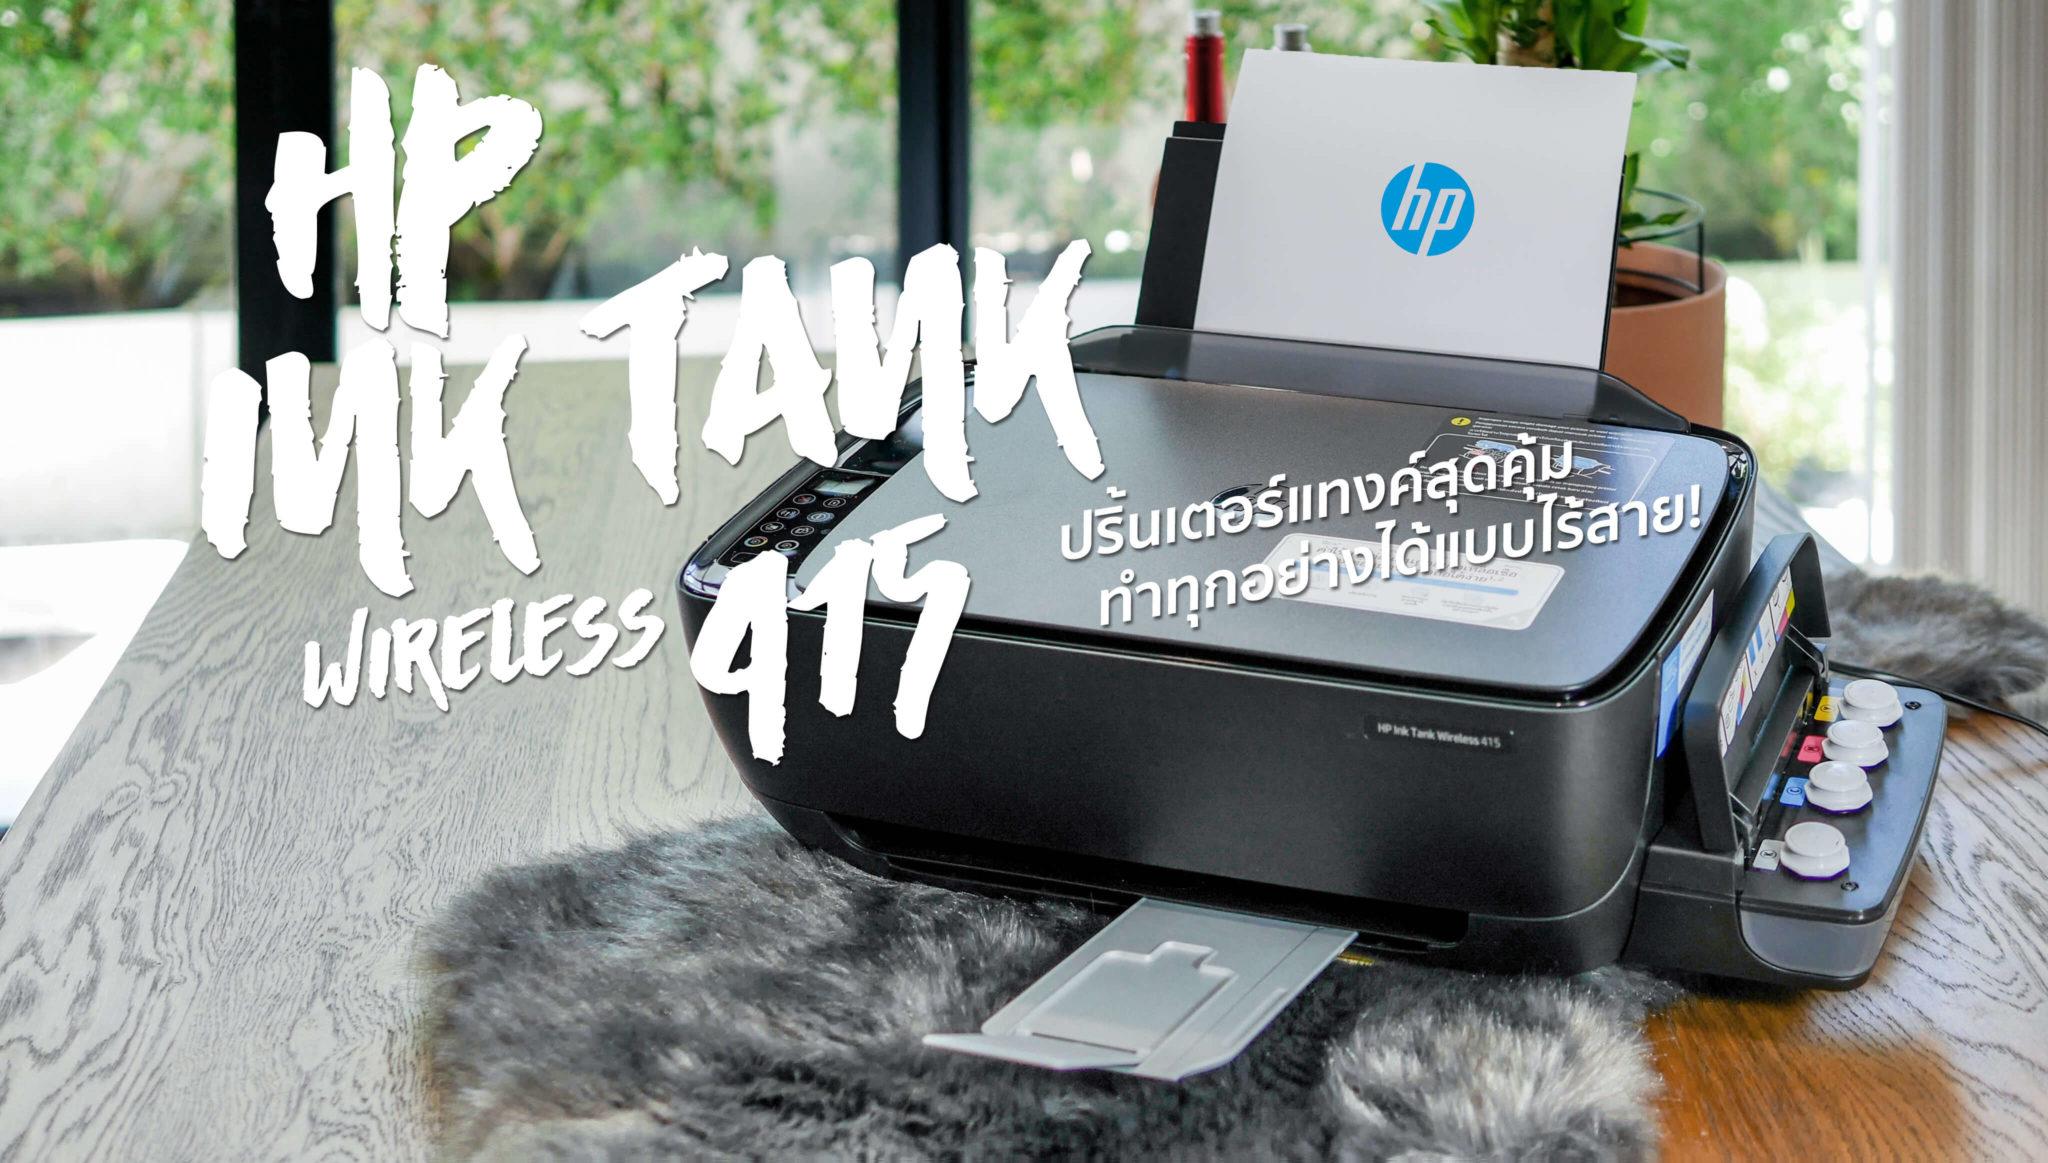 HP Ink Tank Wireless 415 ปริ้นเตอร์แทงค์โรงงาน งบ 5,000 บาท ไร้สายและฟีเจอร์ครบครัน 13 - HP (เอชพี)